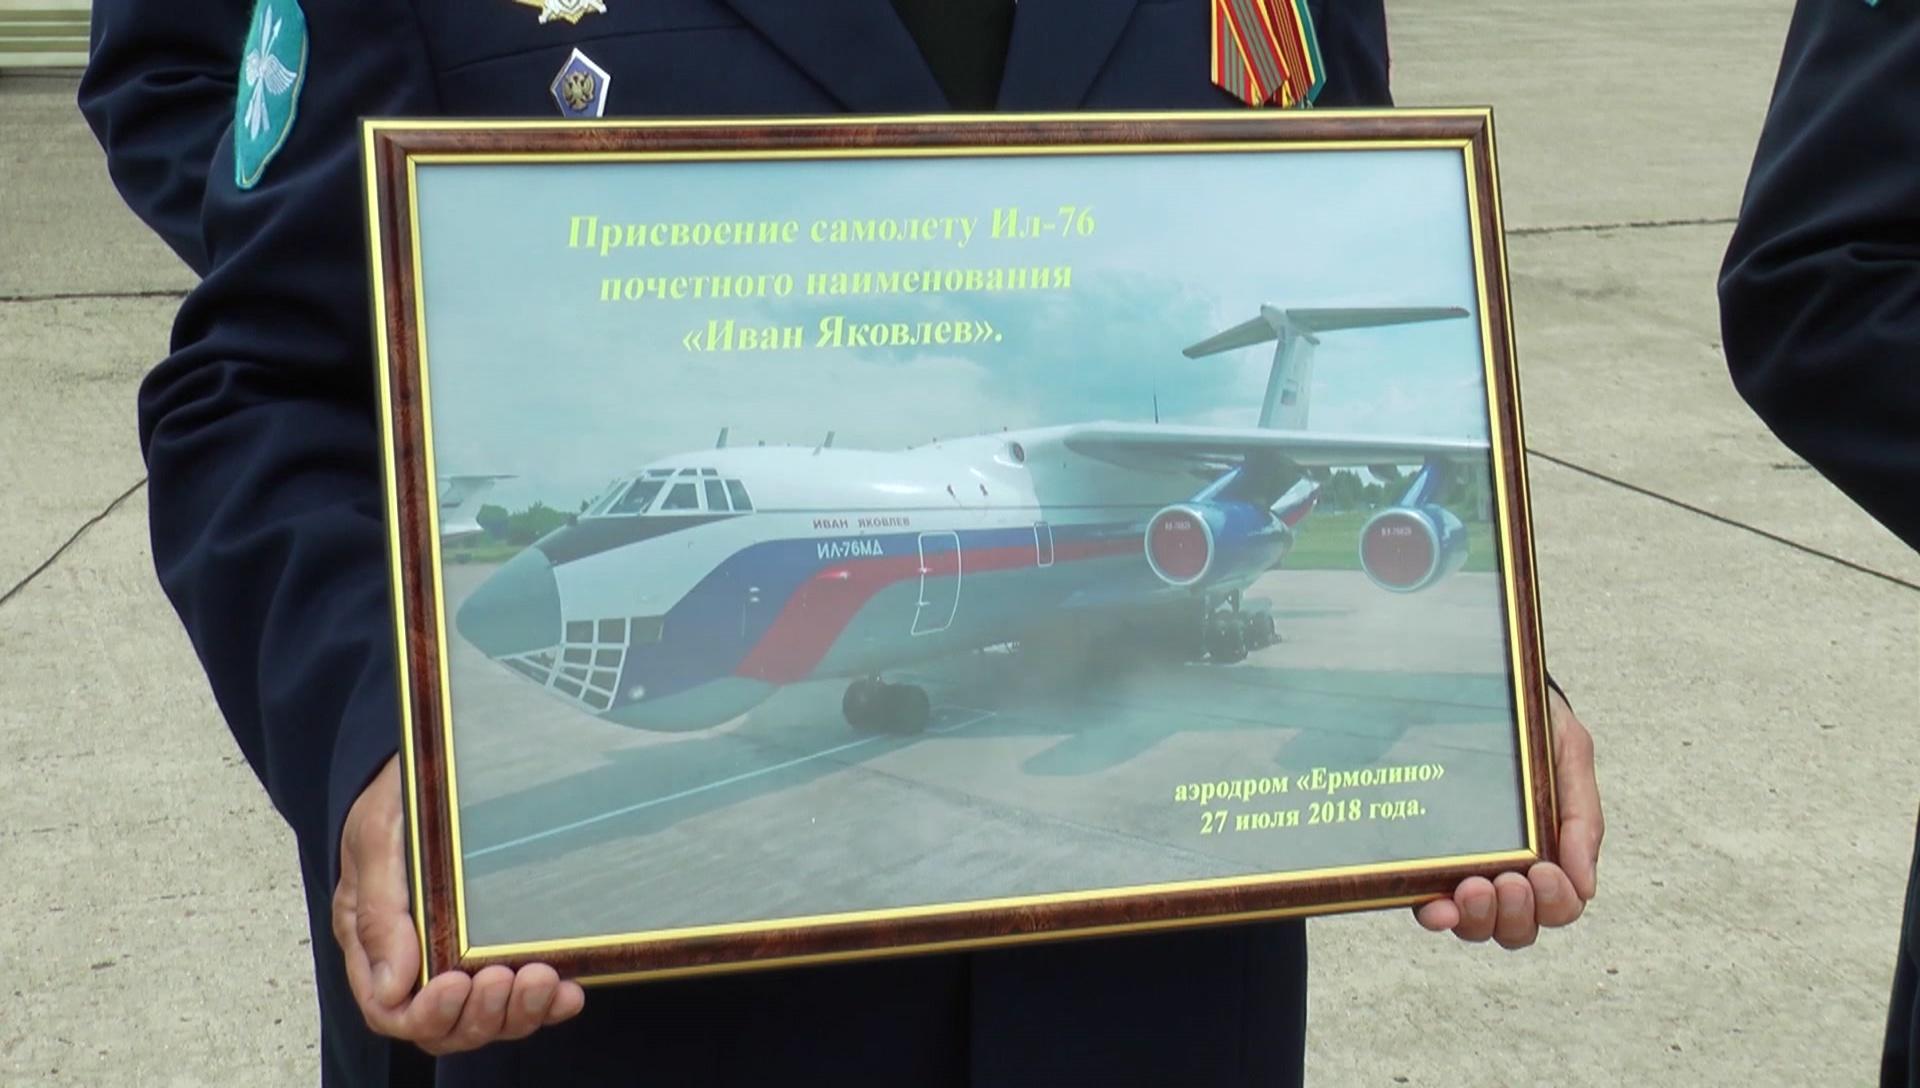 В столицеРФ самолёт Росгвардии назвали именем генерала